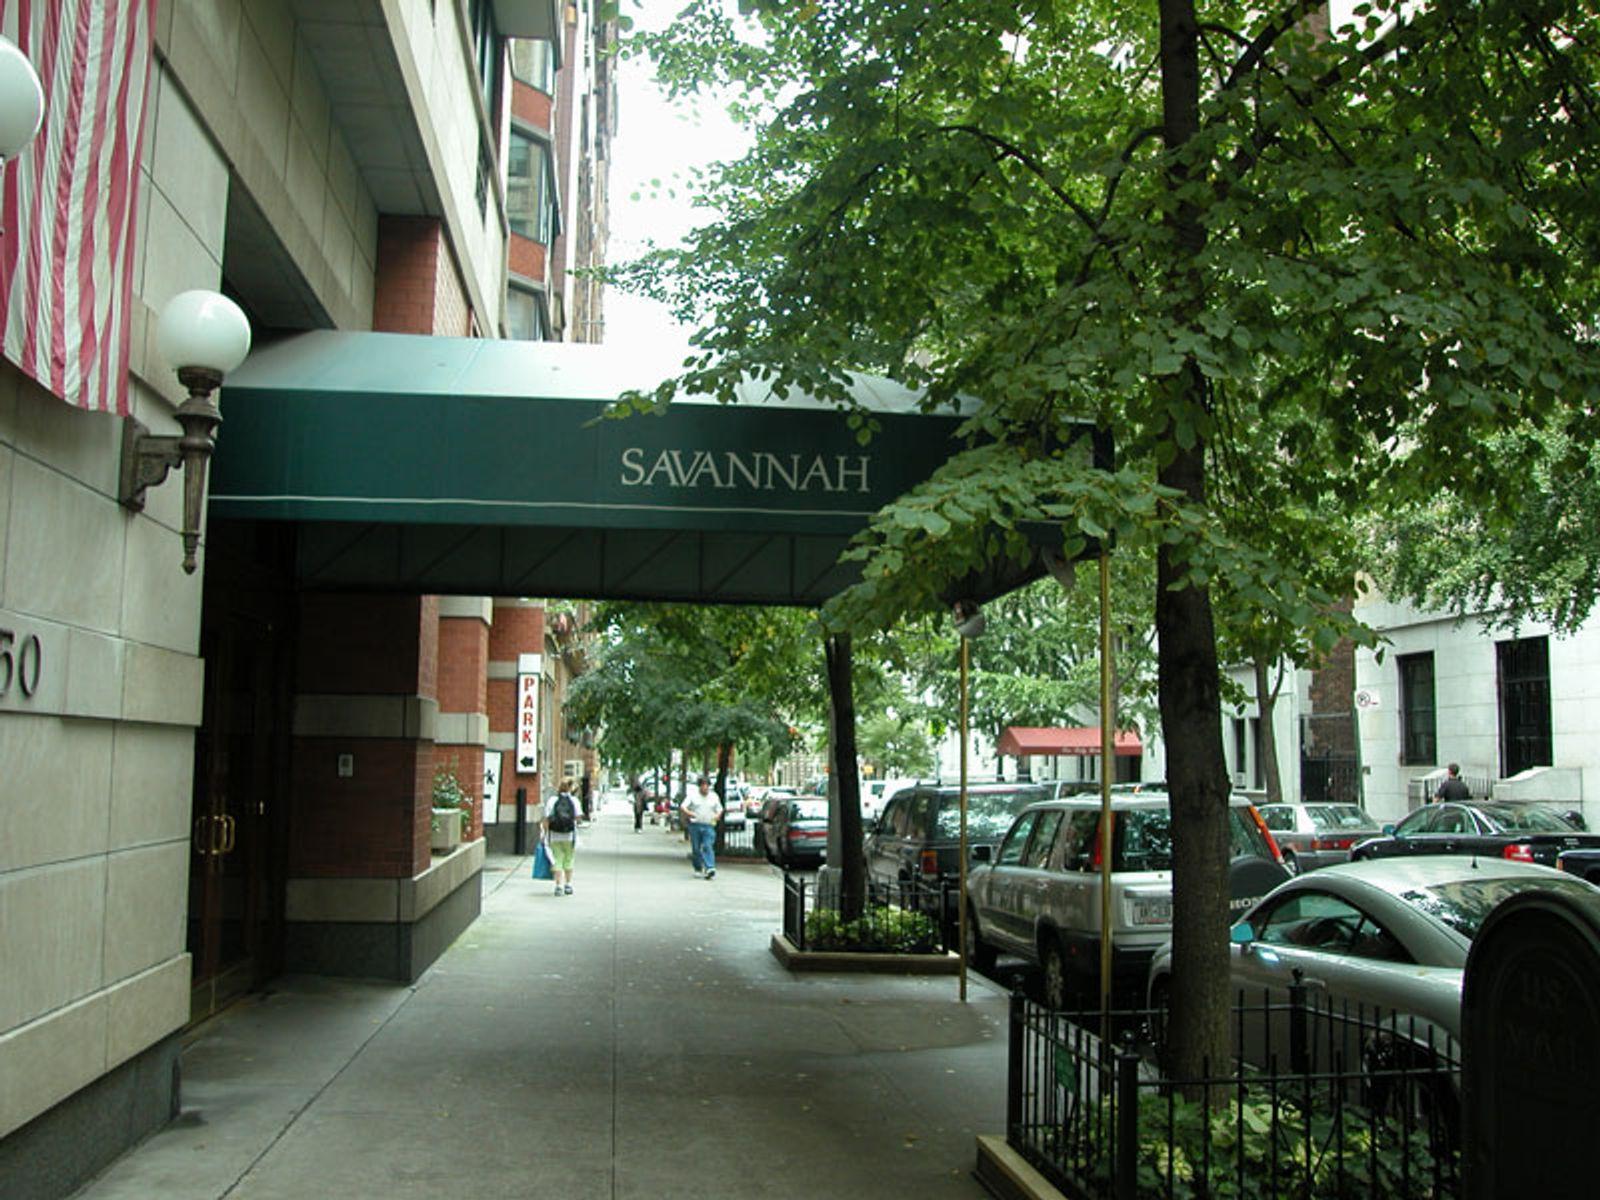 The Savannah - 250 W 89th Street PH1B